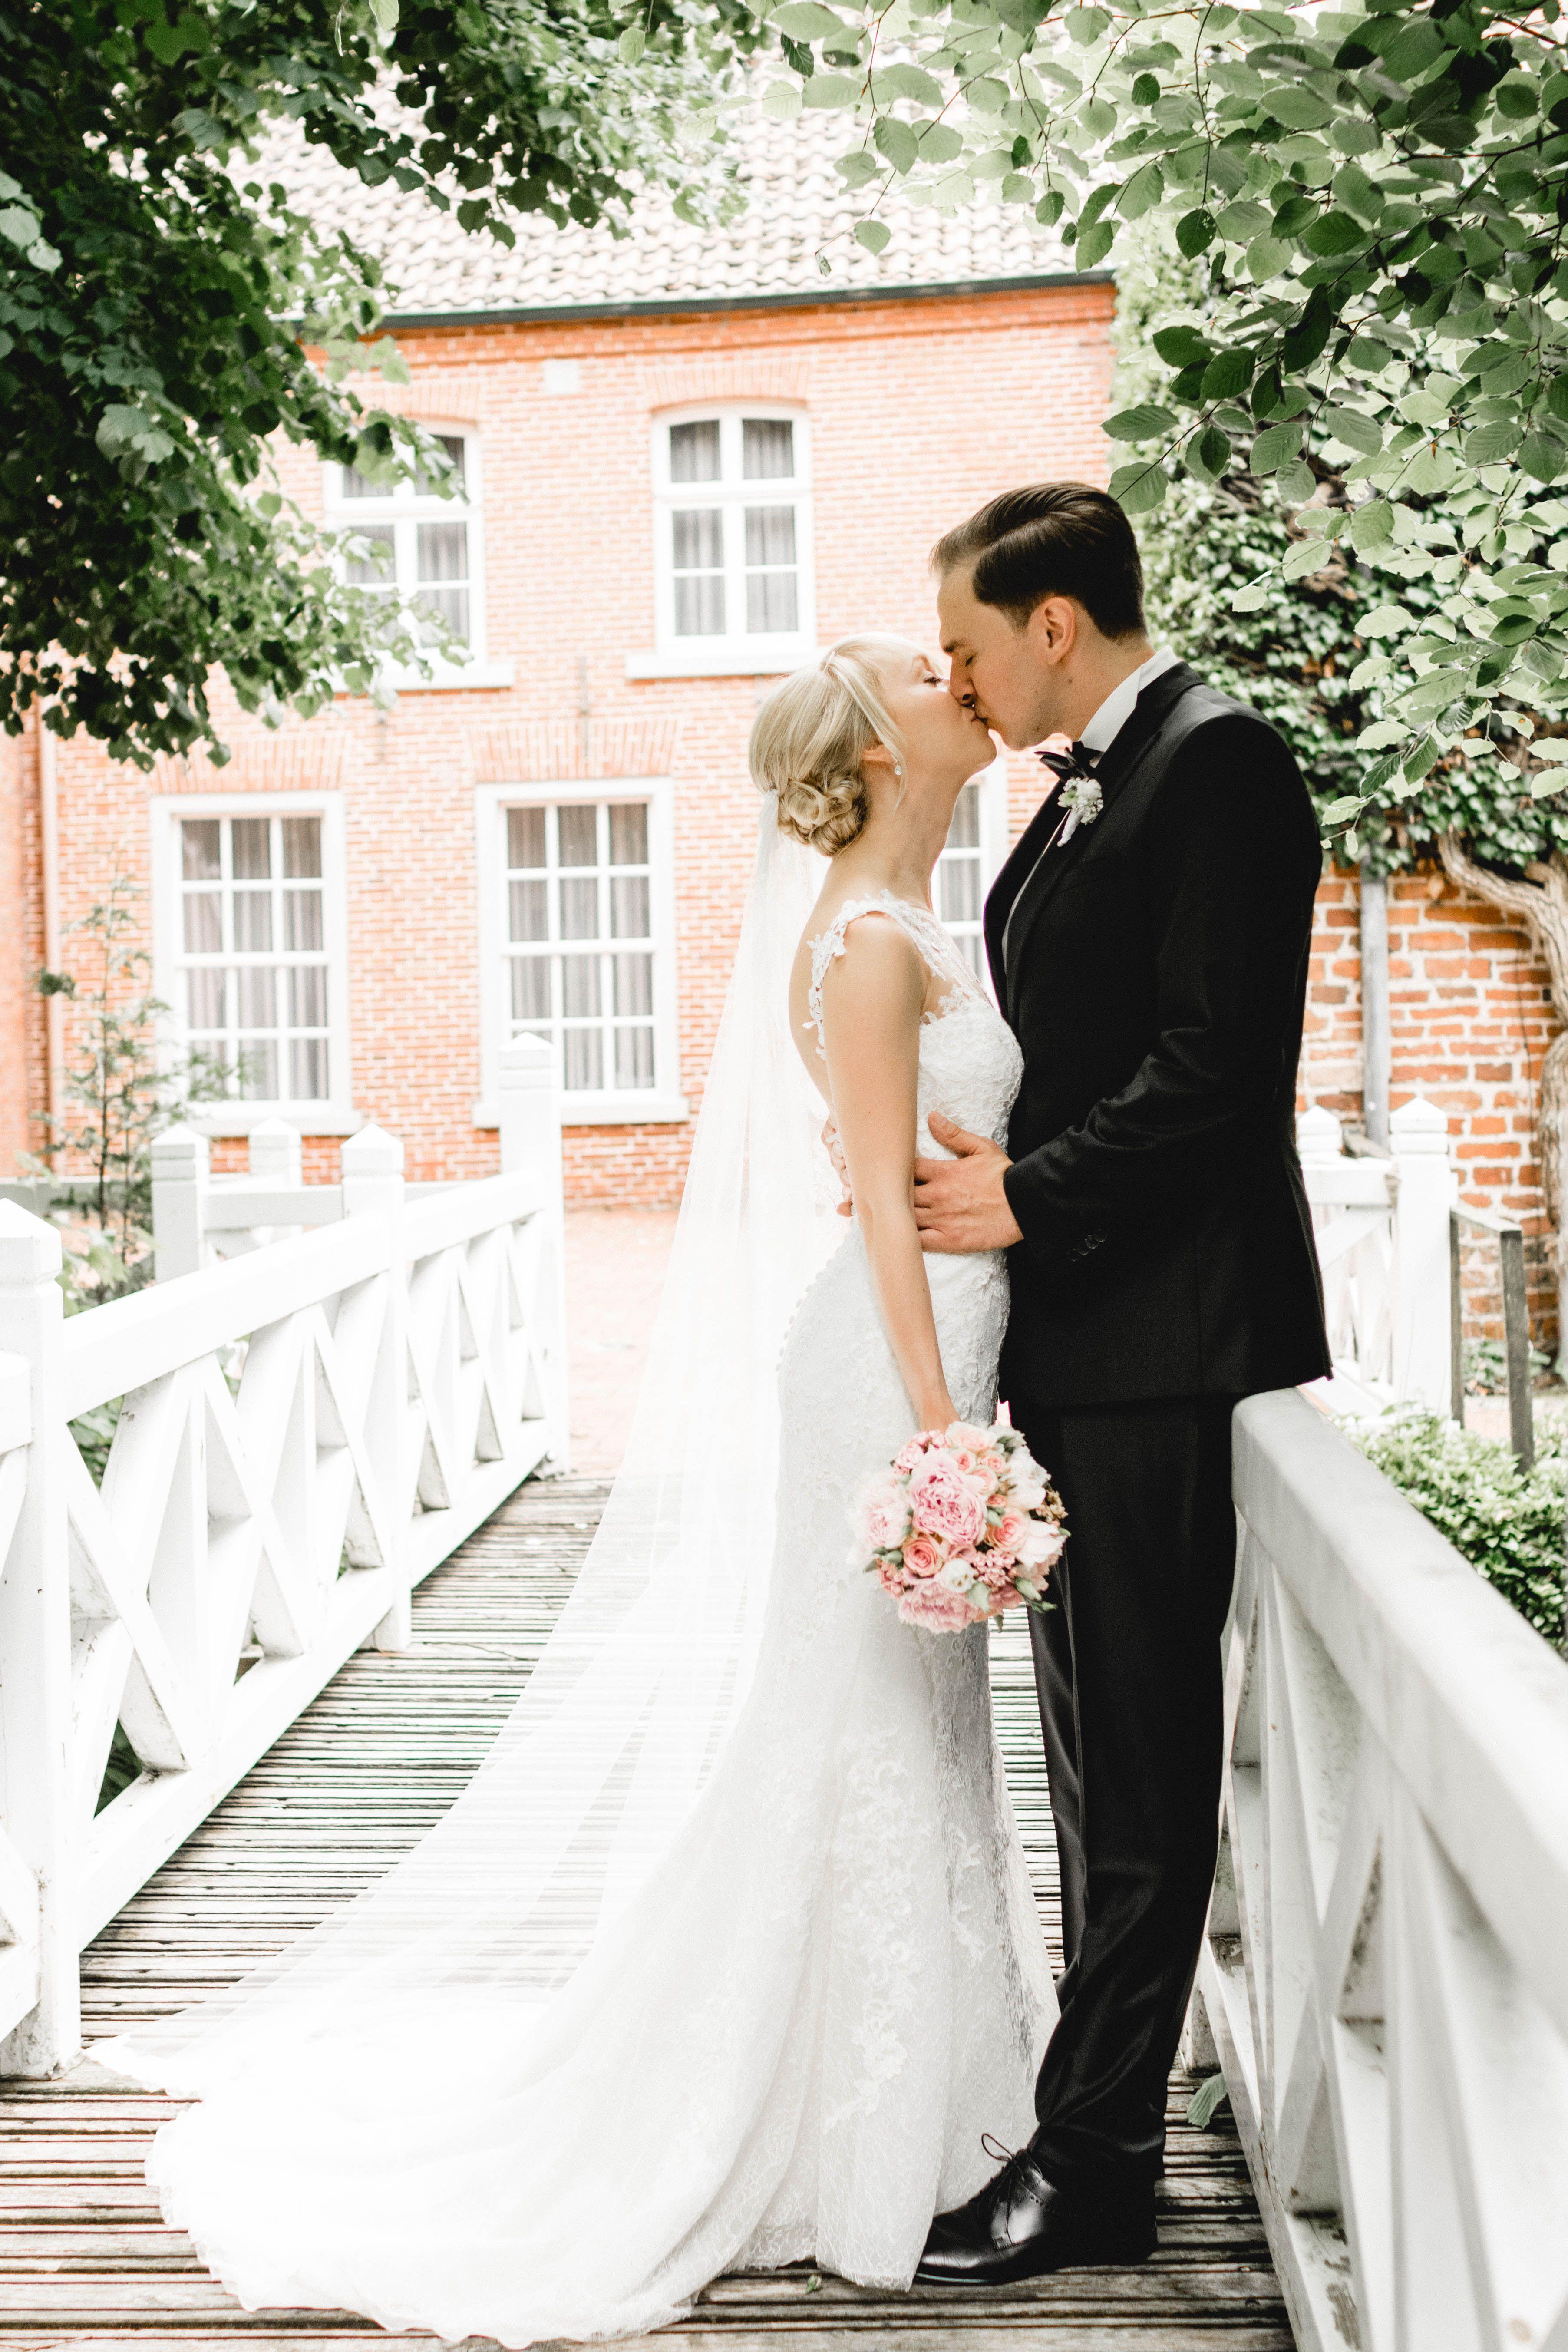 Hochzeit Hochzeitsfoto Ideen Hochzeitsbild Wedding picture